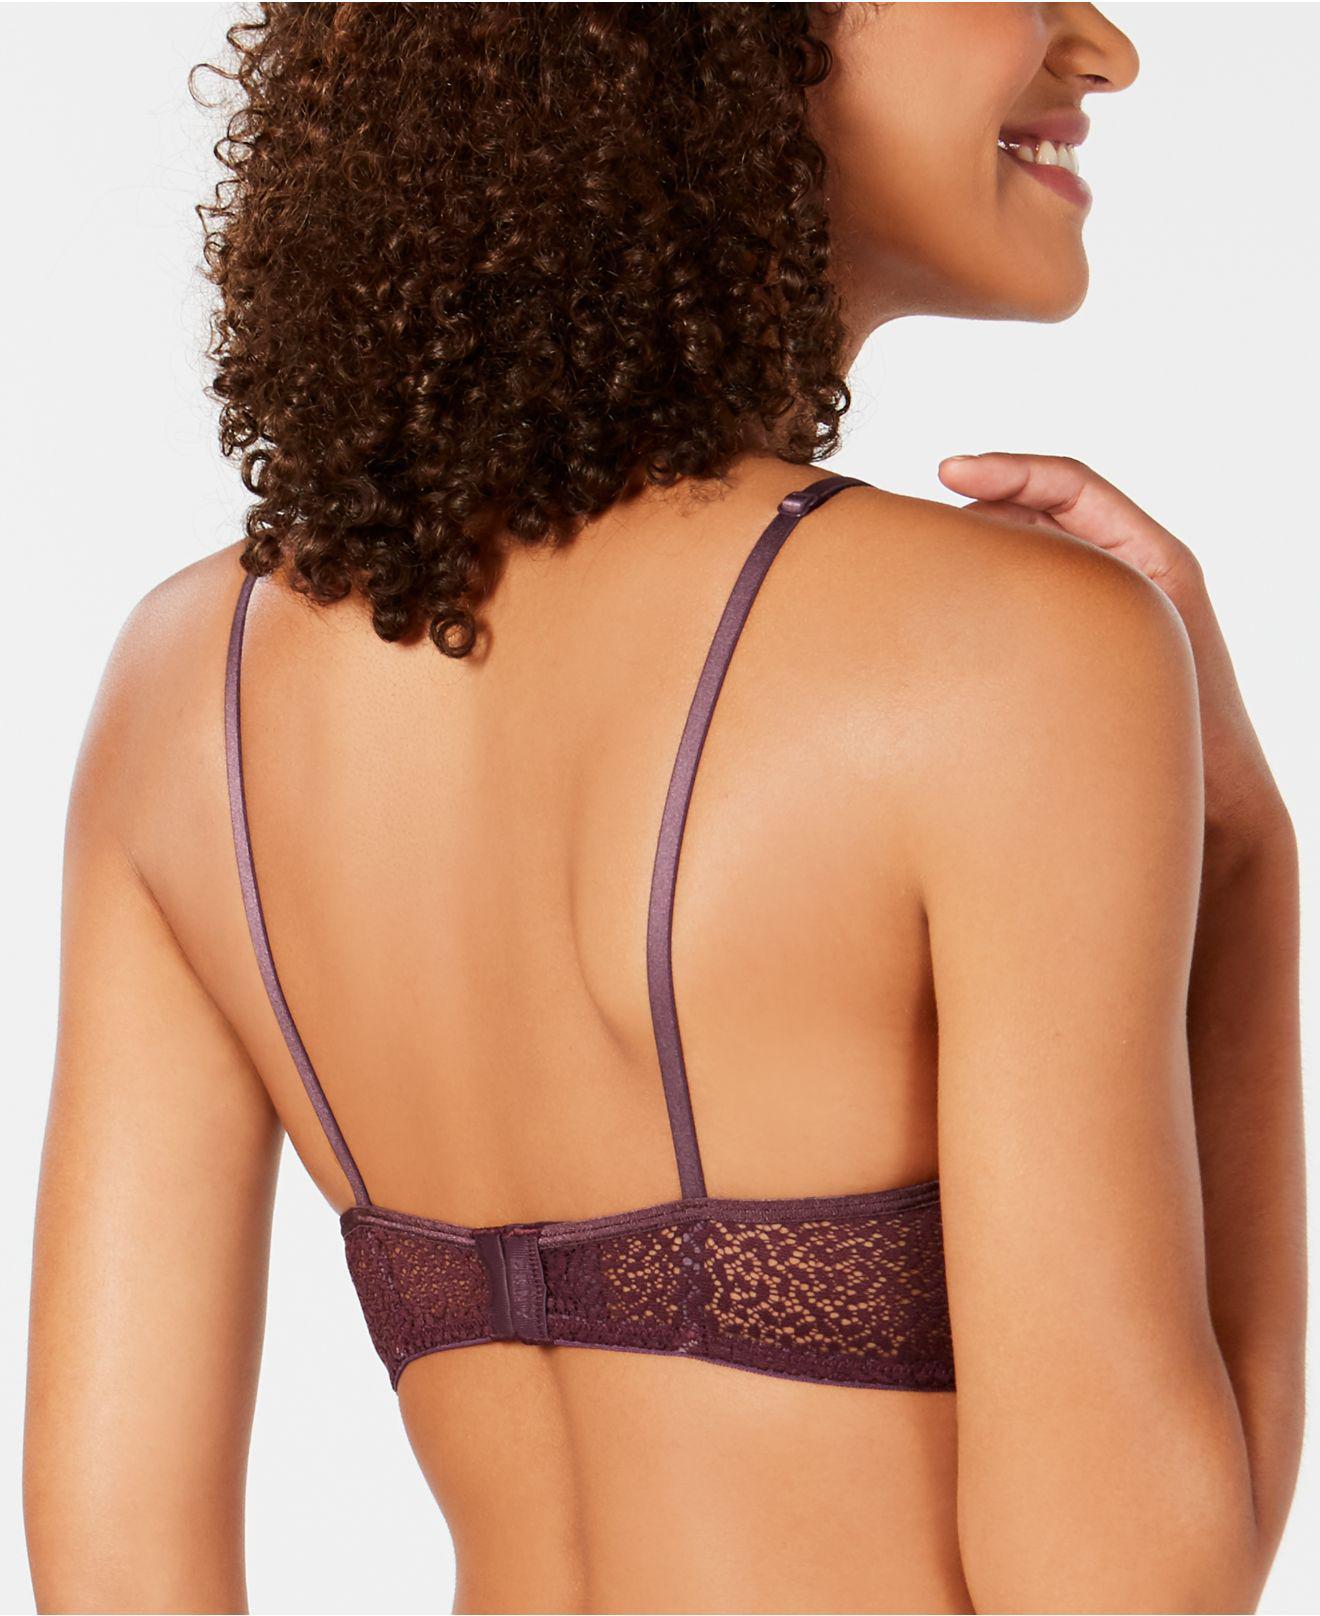 e335d8c6ed977 Lyst - DKNY Modern Lace Sheer-crochet Bra Dk4020 in Purple